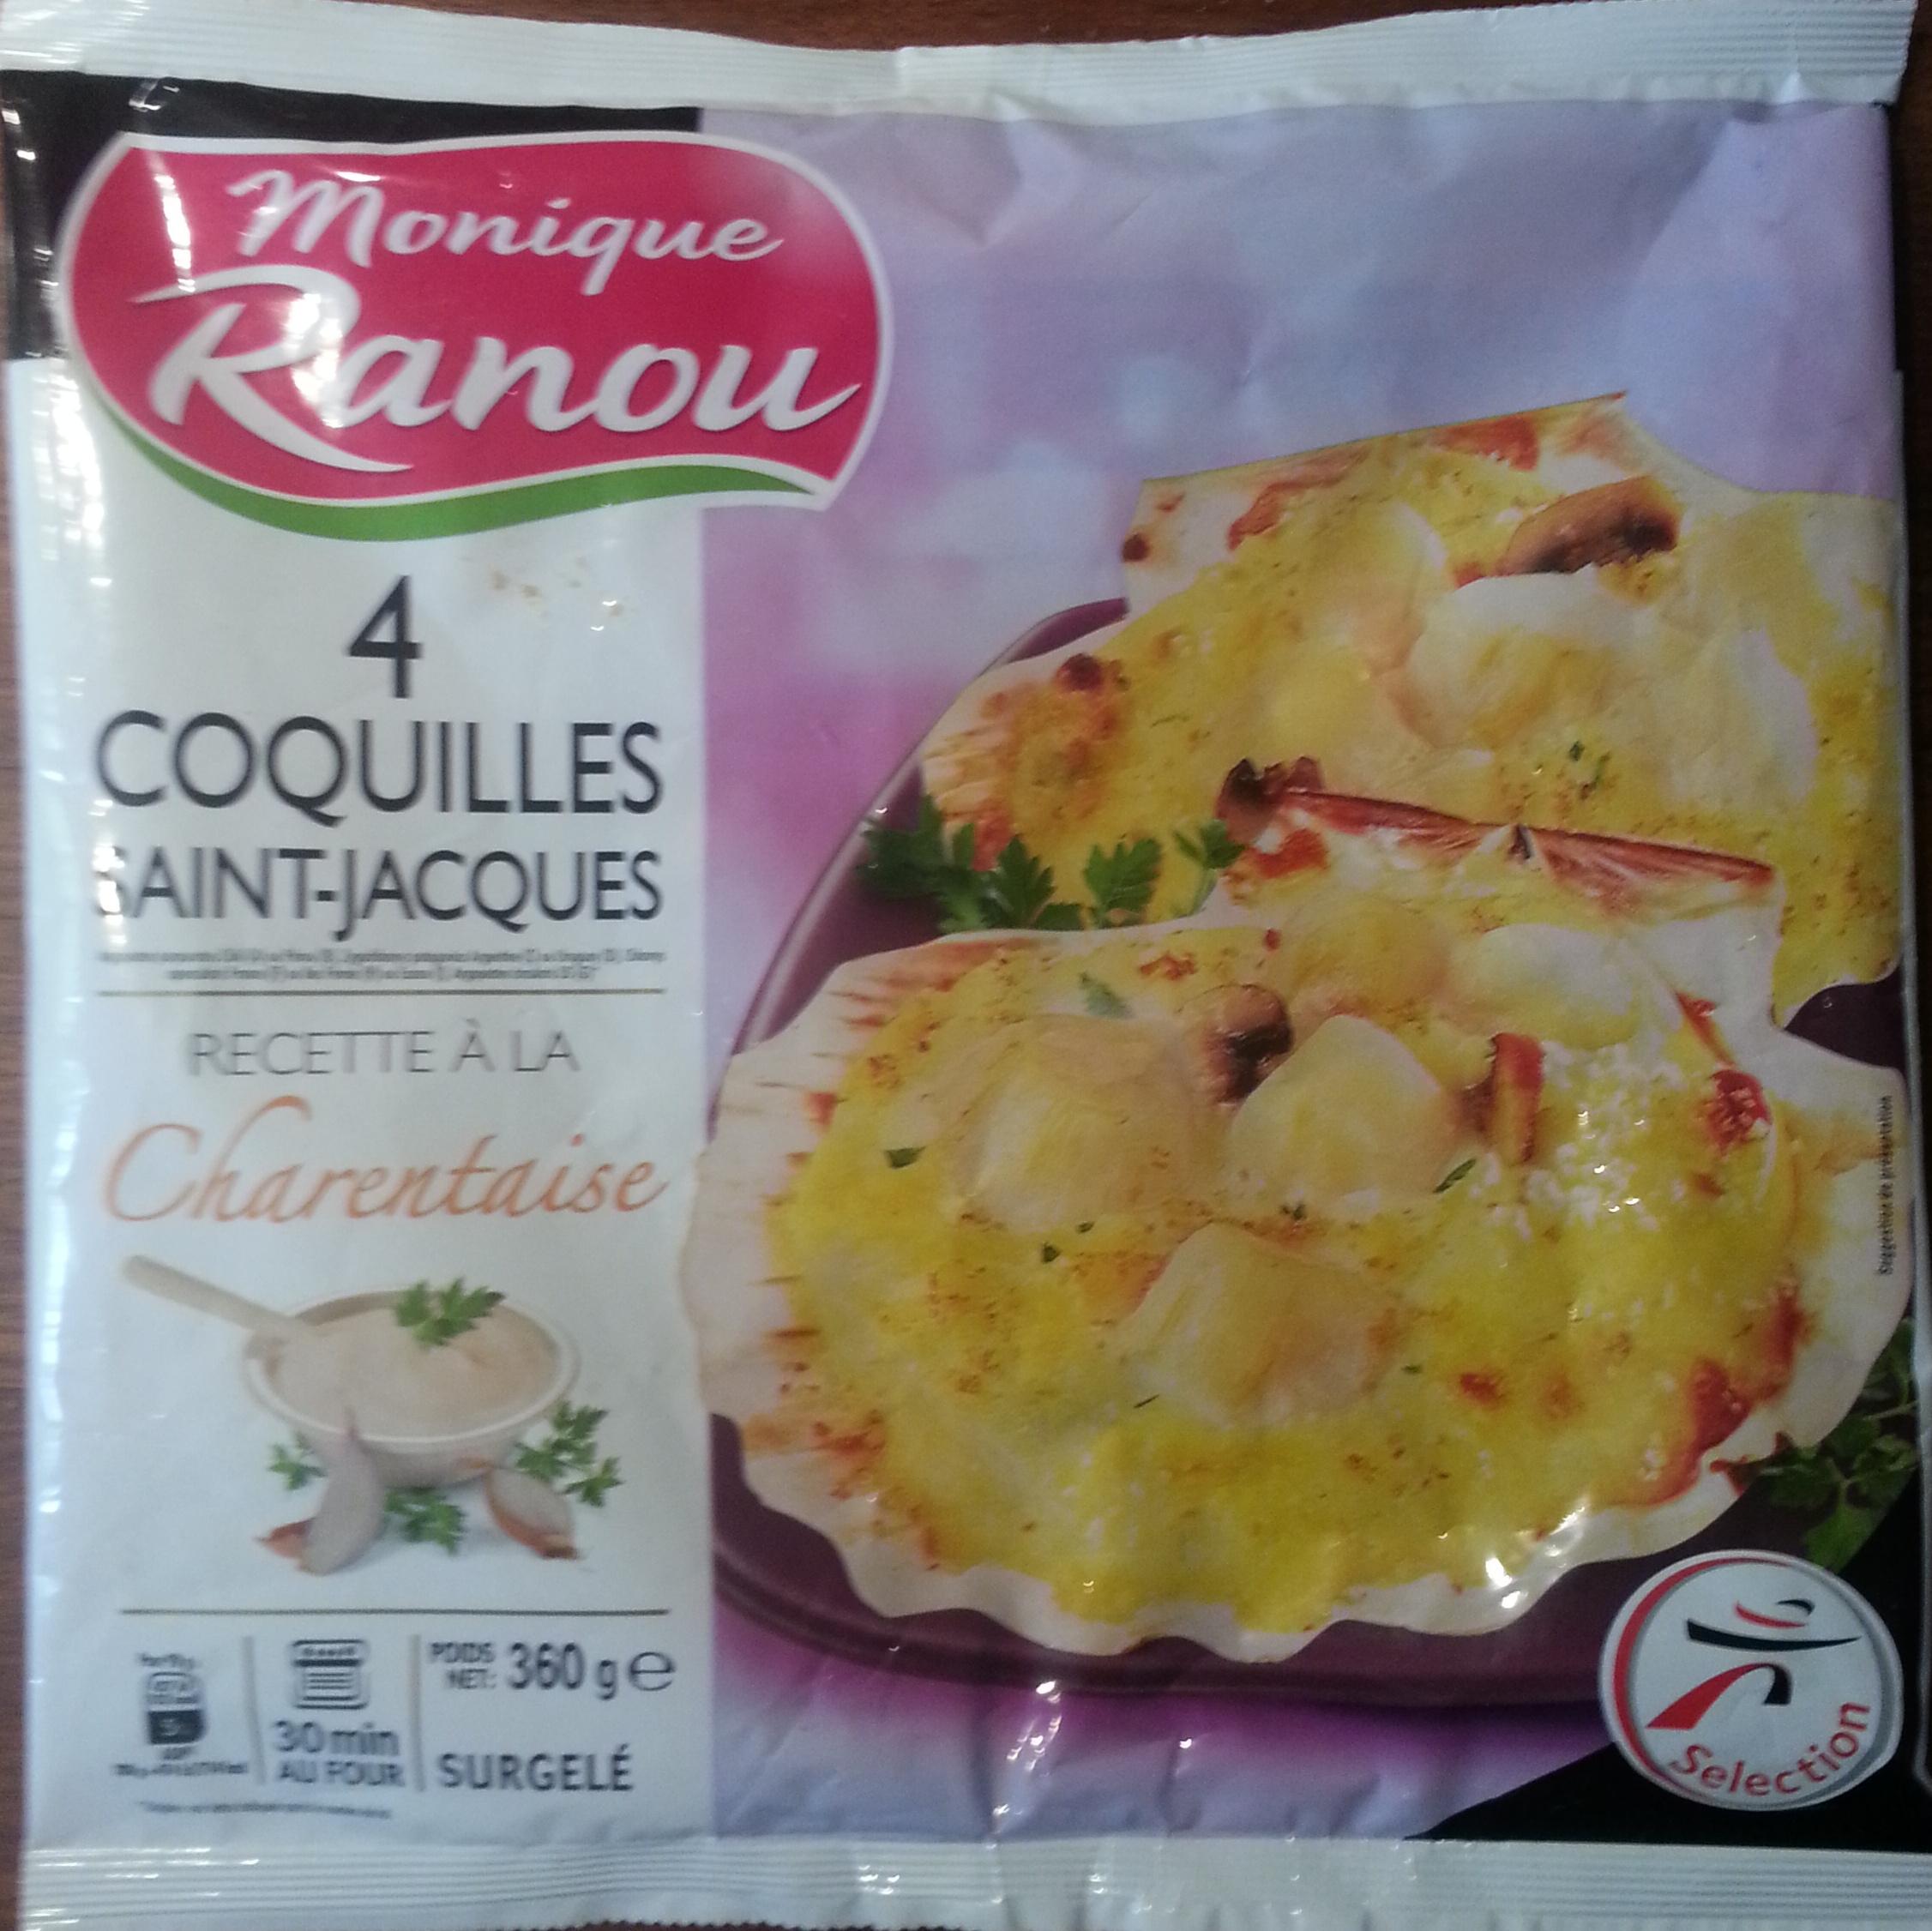 4 coquilles saint jacques recette la charentaise - Cuisiner les coquilles st jacques surgelees ...